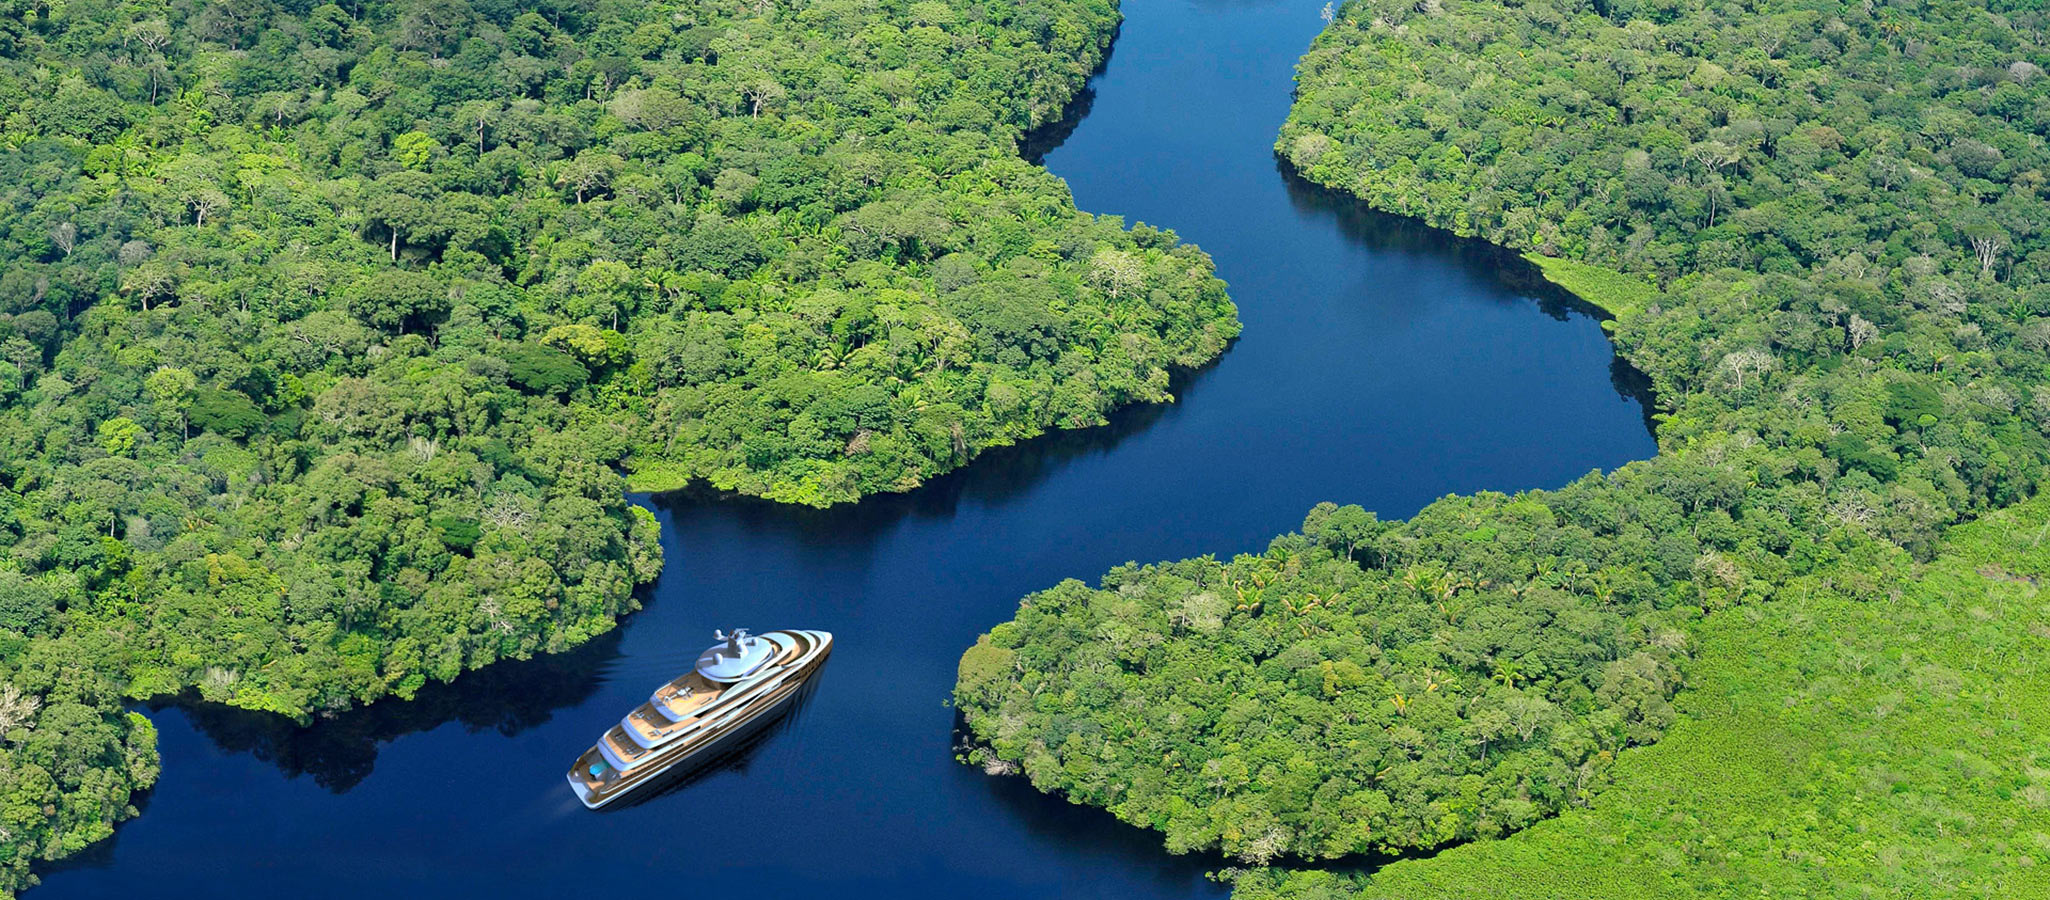 Mit diesen wendigen Schiffen entführen Sie Ihre Teilnehmer in die exotischsten Gefilde: tropische Paradiese, die Polarregionen oder entlegene Amazonasgebiete.